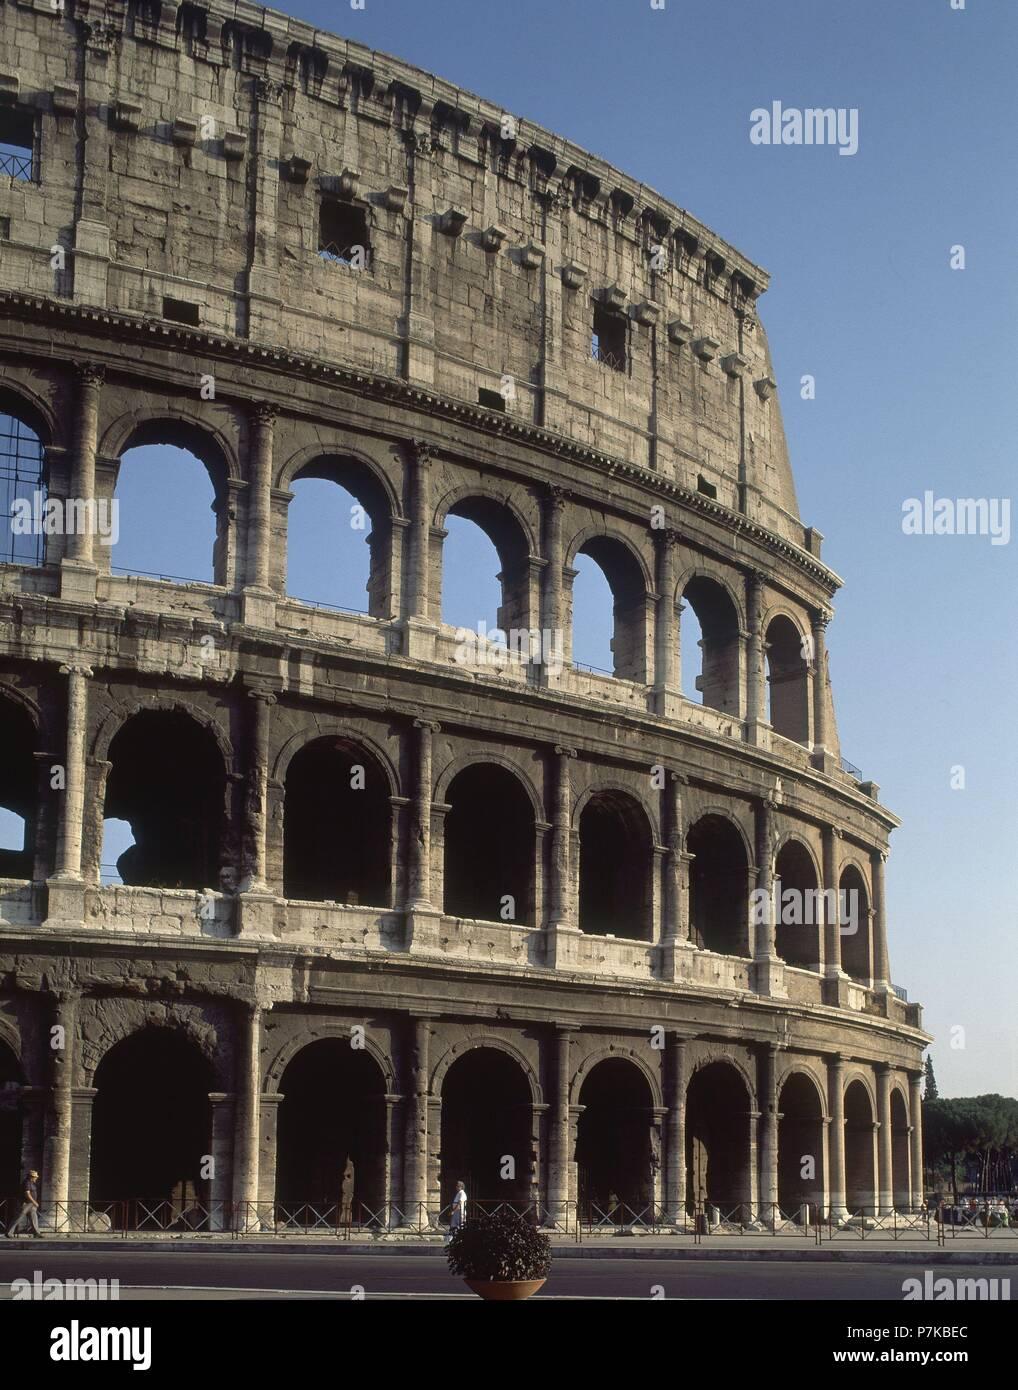 Exterior Del Coliseo Romano Construido En El Siglo I Fachada